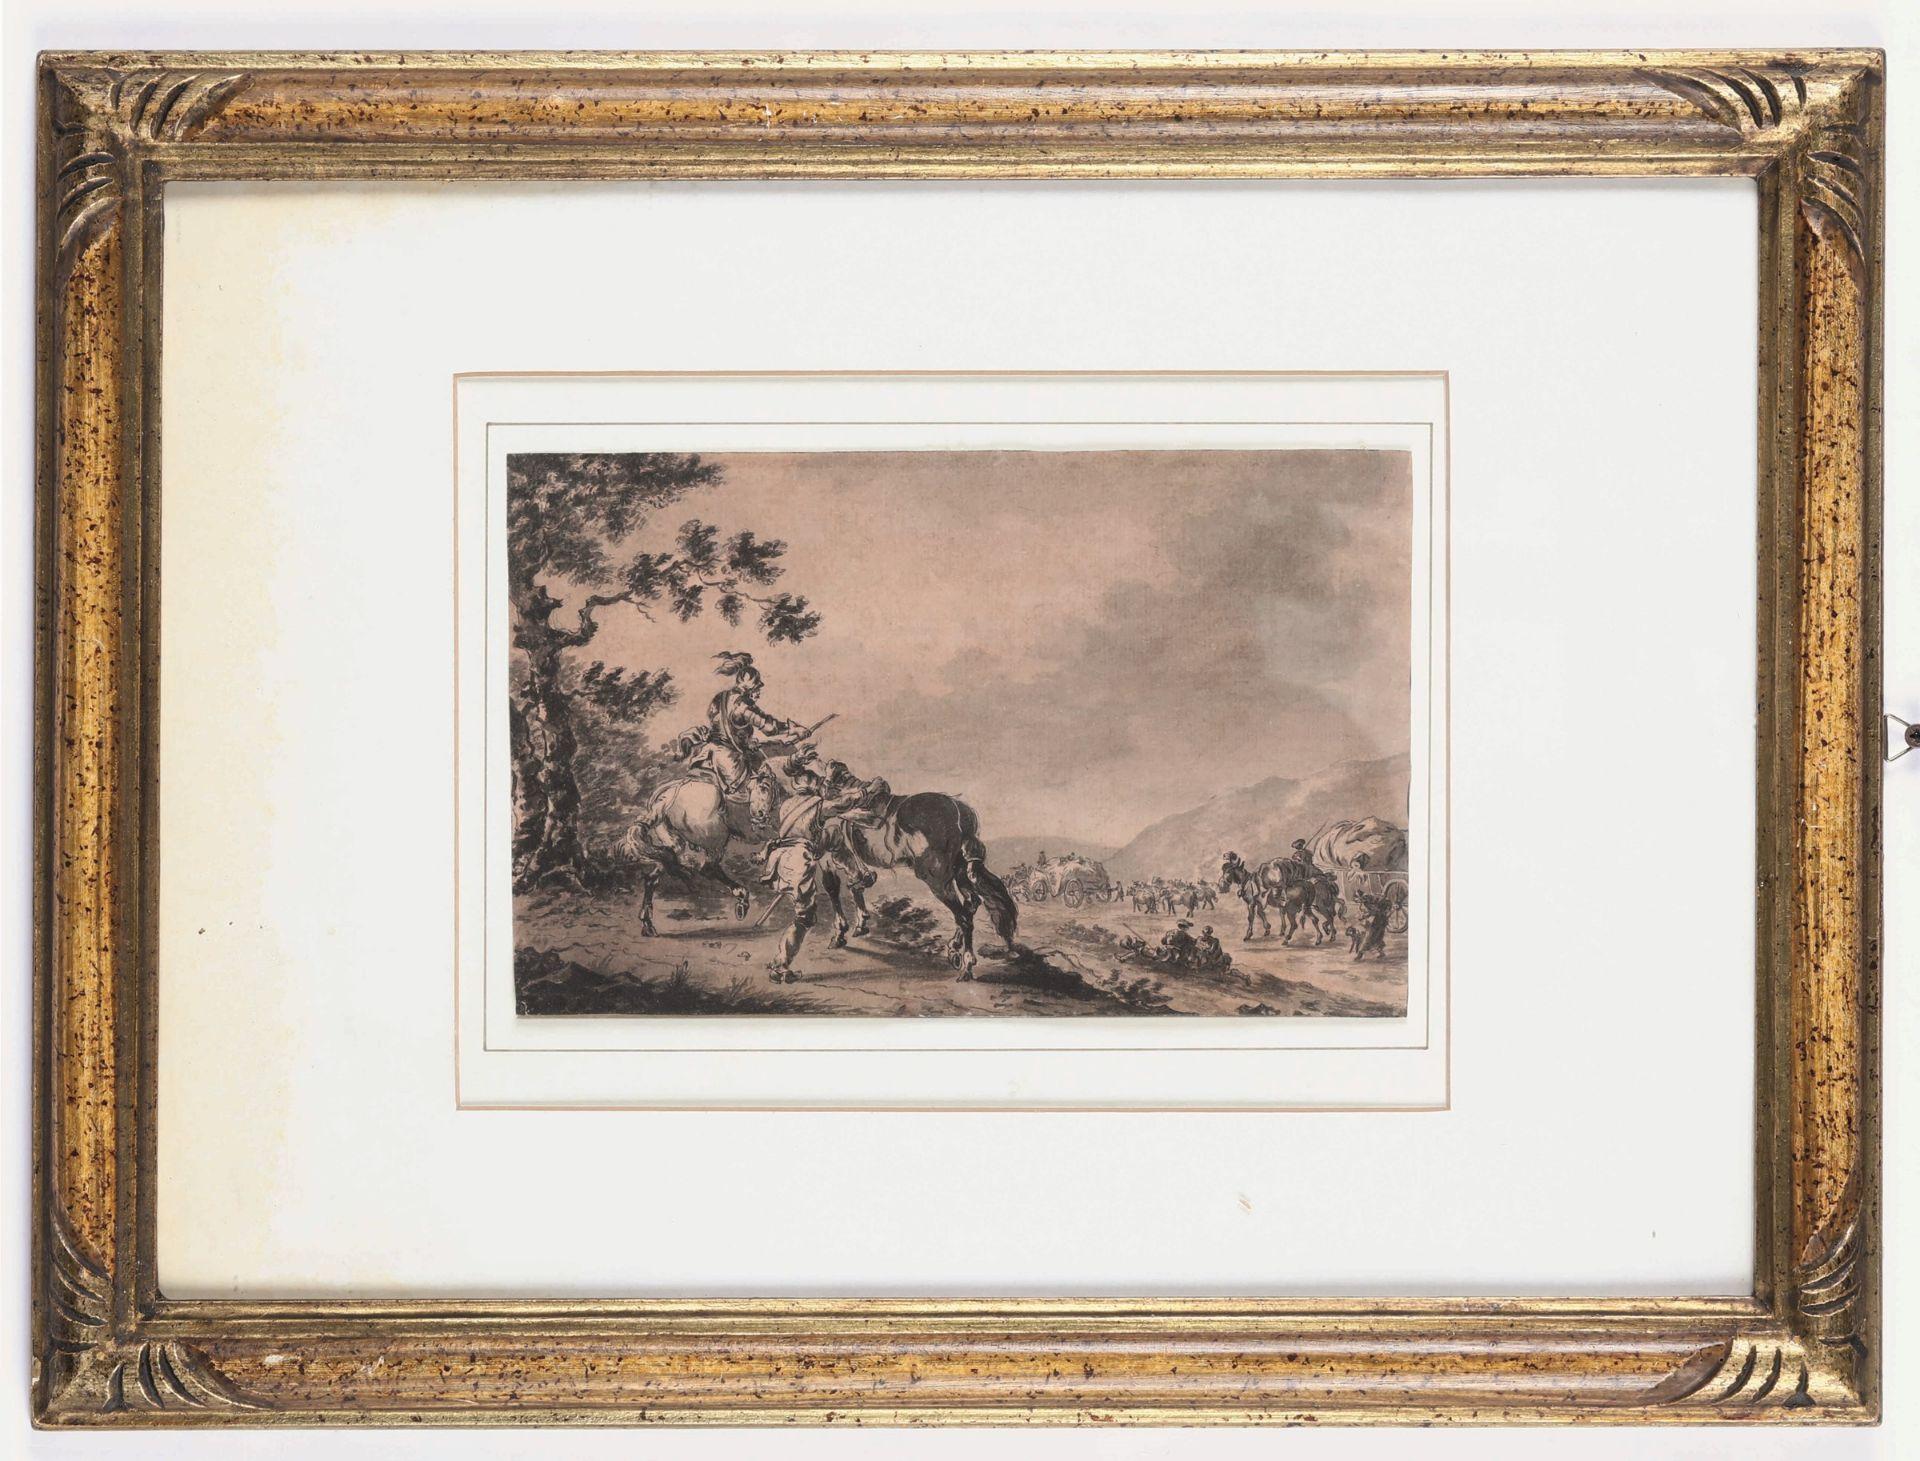 Los 4 - Giuseppe Zais (Forno di Canale 1709 - Treviso 1784), Personaggi a cavallo - [...]